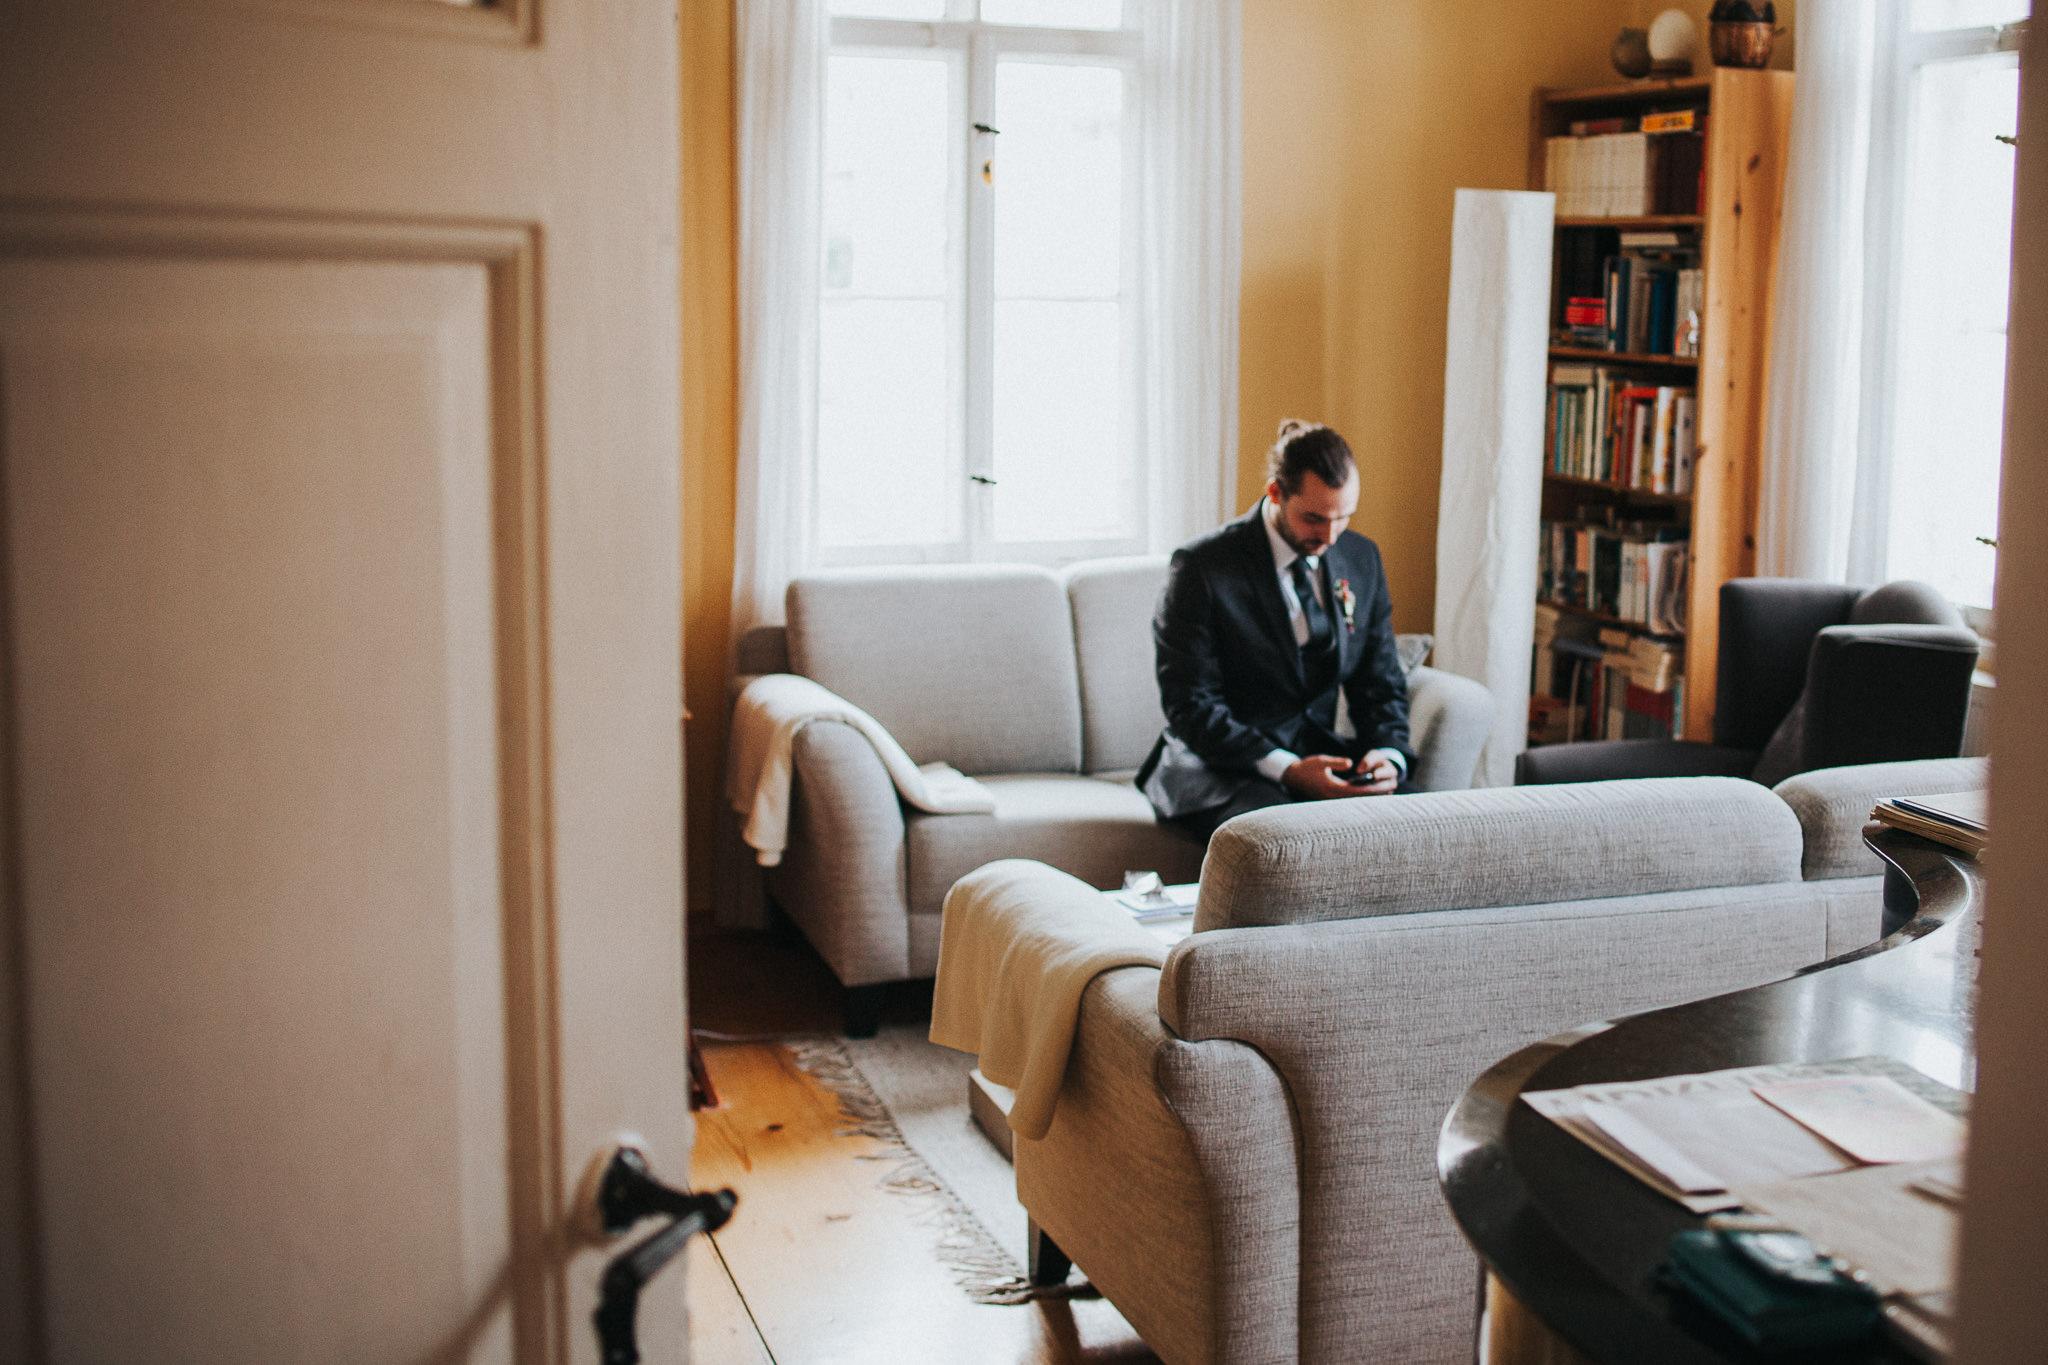 Bräutigam im Wohnzimmer